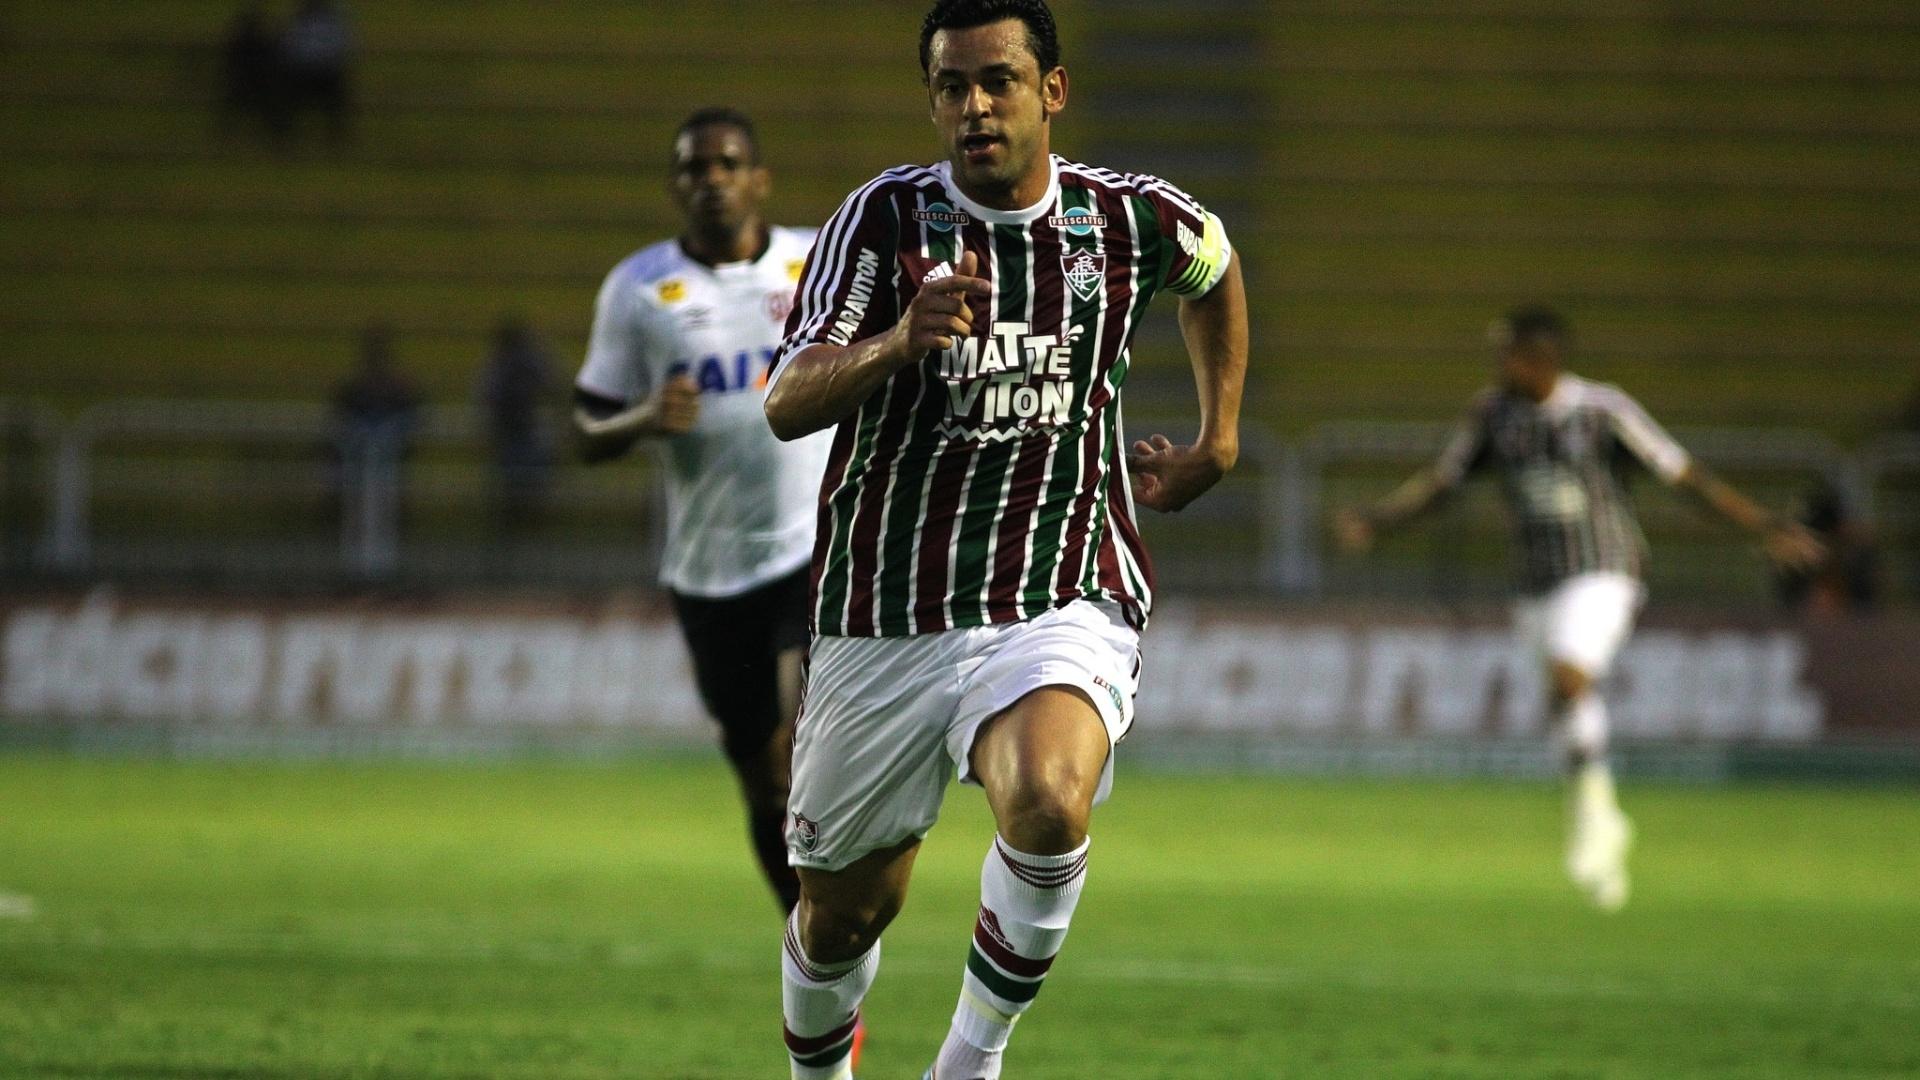 Fred corre para tentar a jogada para o Fluminense contra o Atlético-PR em jogo válido pela Primeira Liga